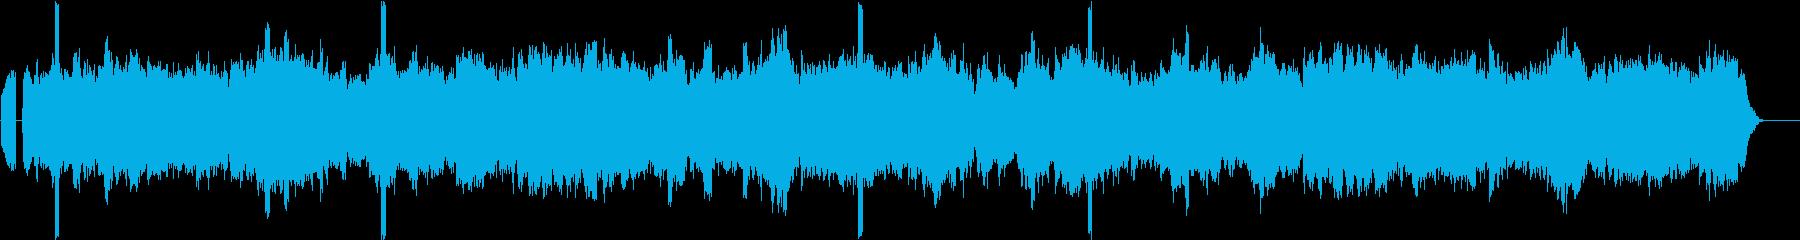 ドローン フリーズ03の再生済みの波形